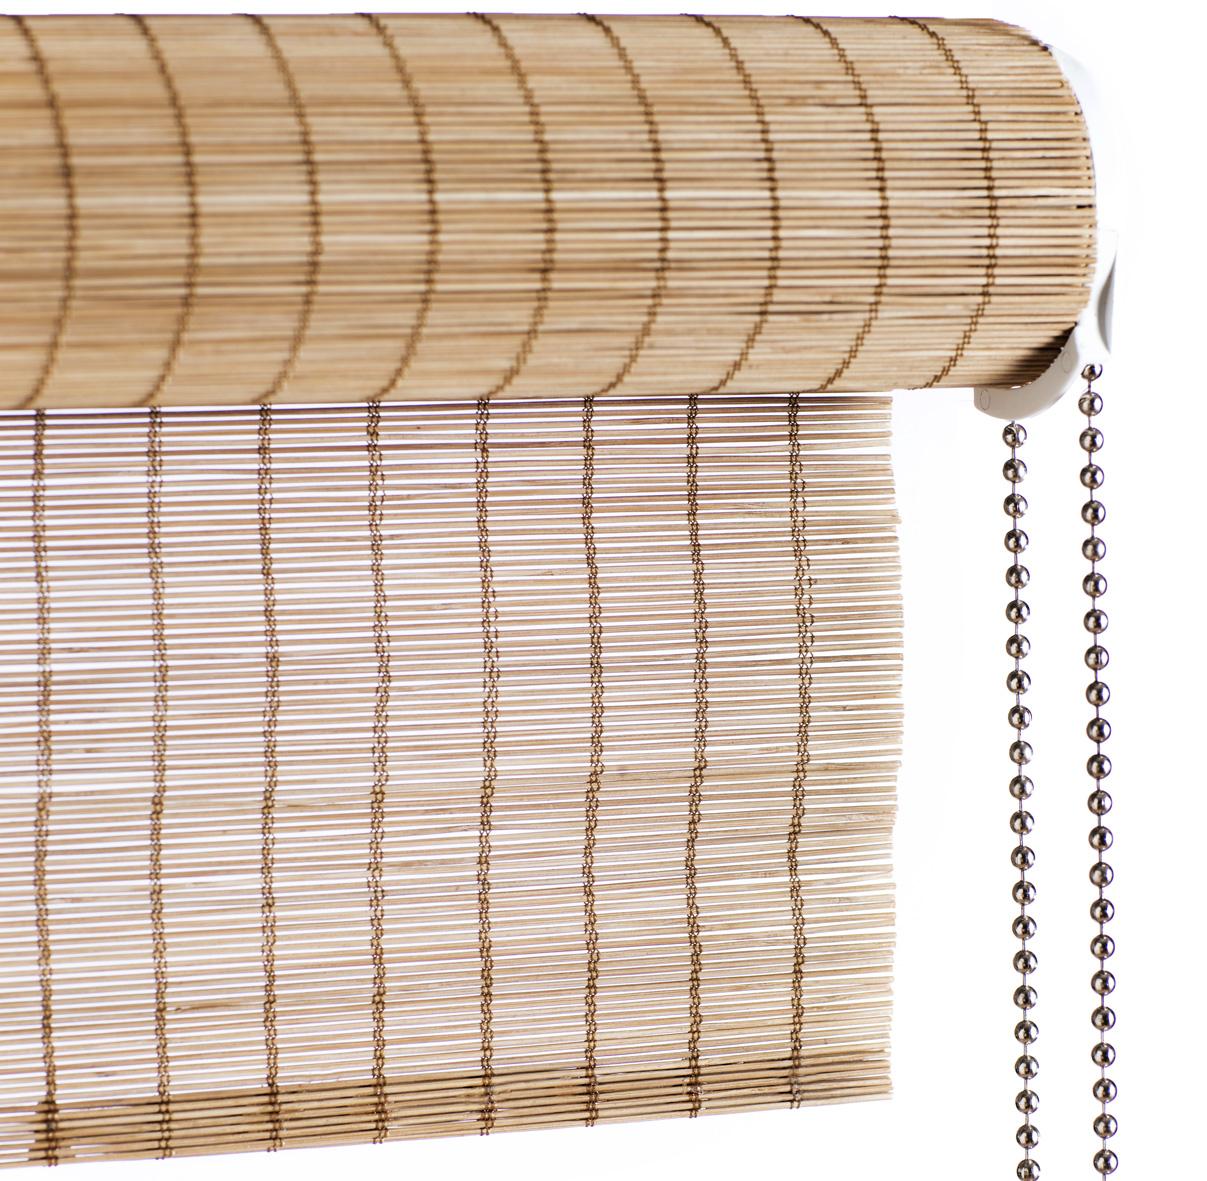 bambus rullegardin Brun fin bambus rullegardin med kædetræk   Laves efter mål bambus rullegardin